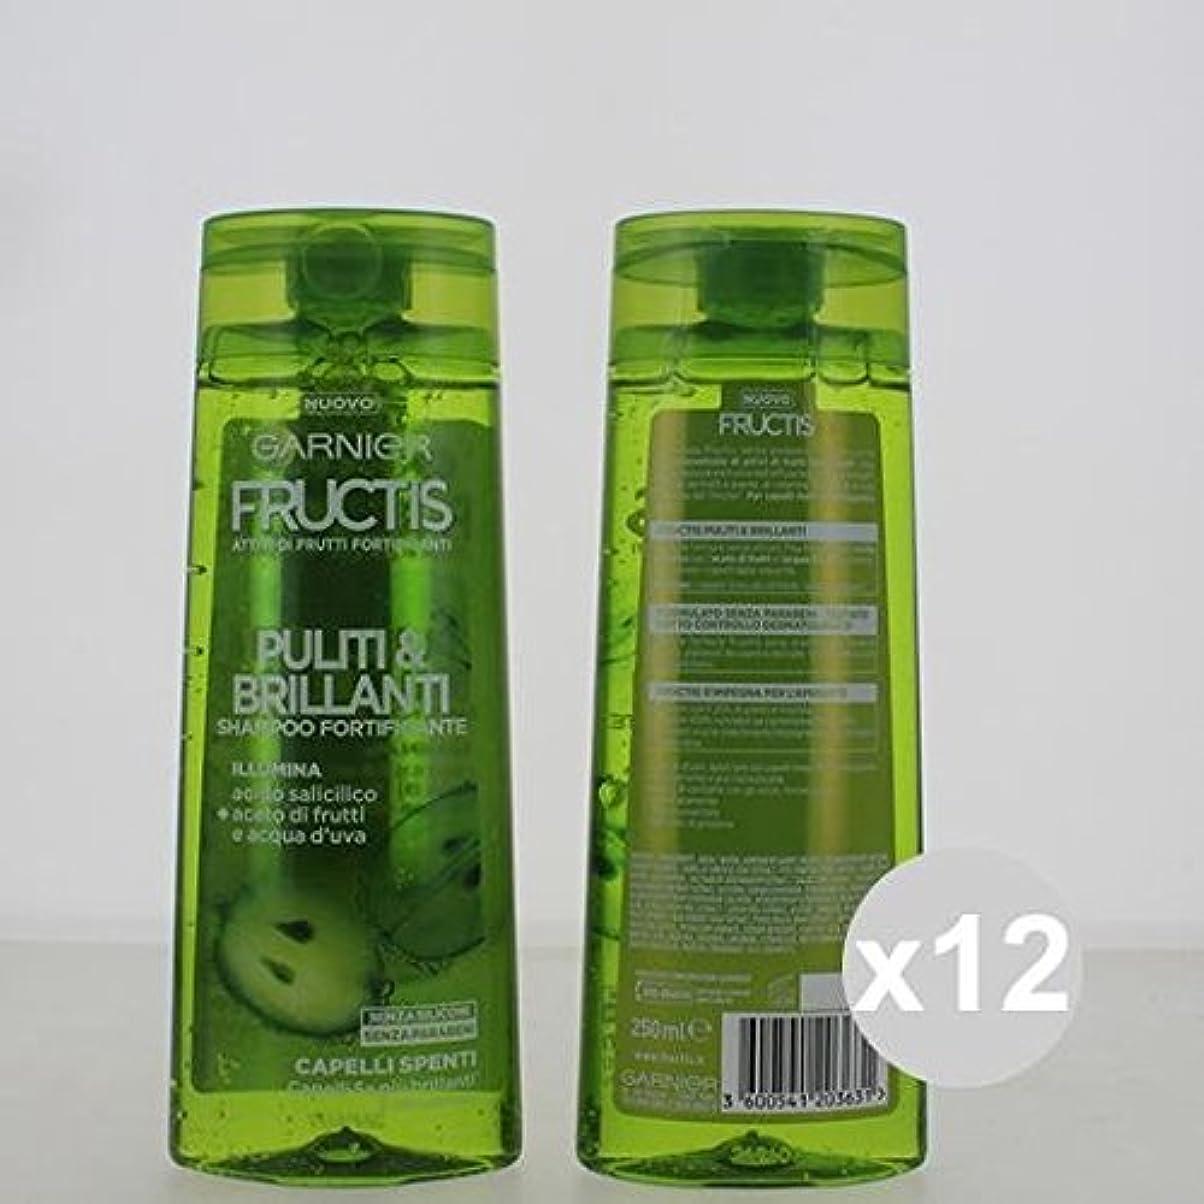 瞳平衡香ばしい12 Fructisシャンプー250クリーン&ブライトシャンプーとコンディショナーヘア製品のセット